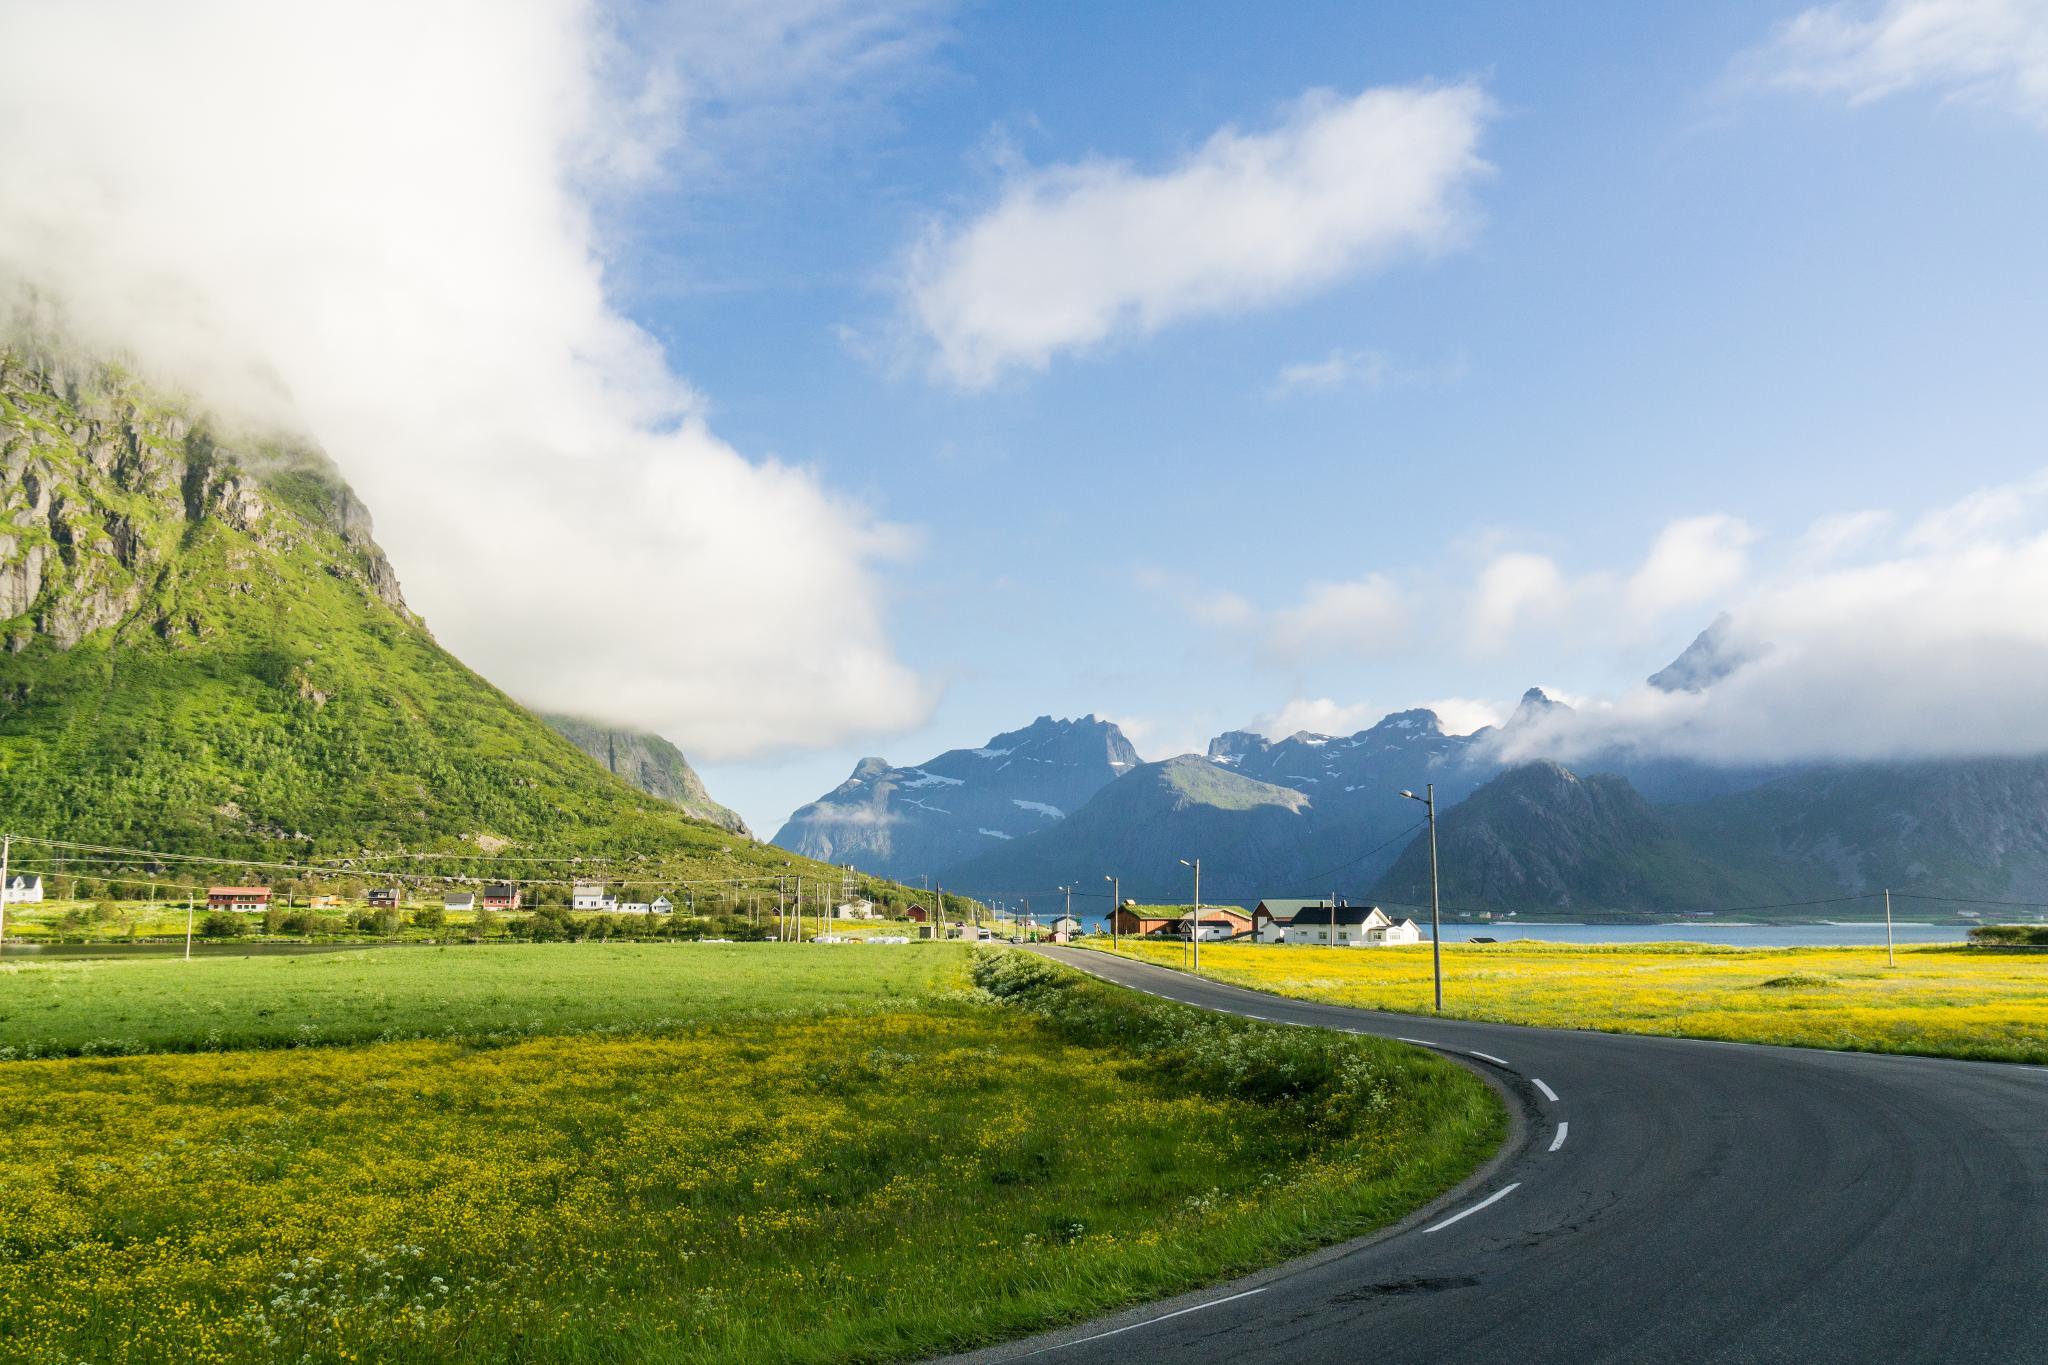 【羅弗敦群島】前進世界最美麗的島嶼 - Lofoten Islands 行程全攻略 11